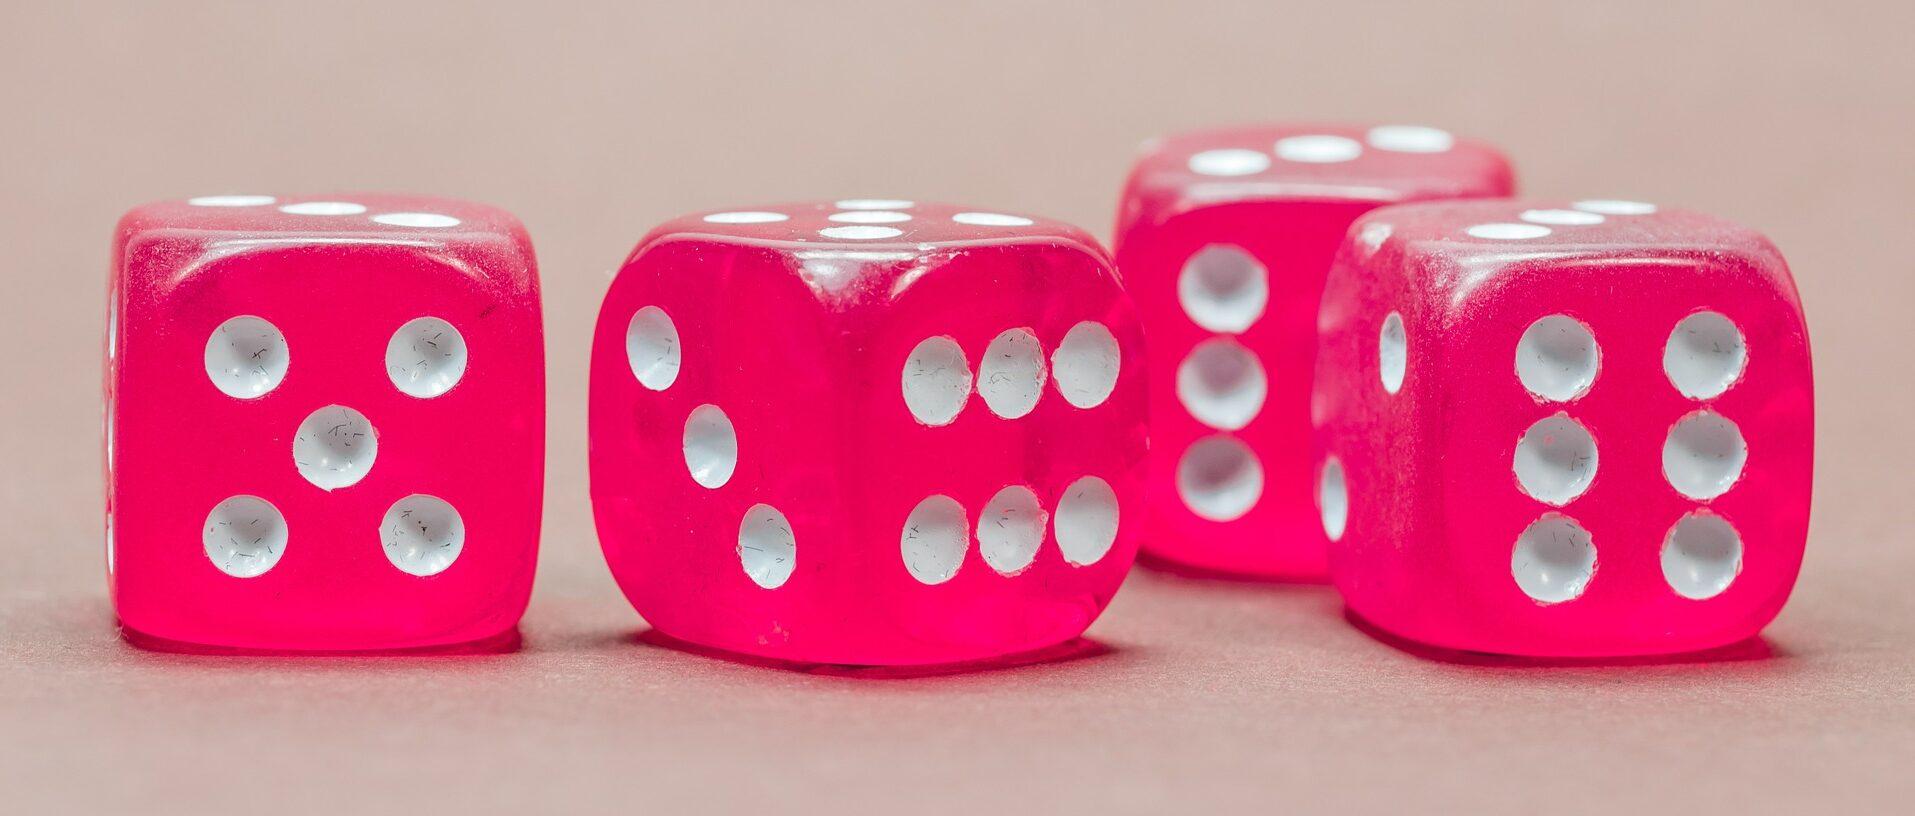 Vorgestellt: Lieblingsspiele für den Sommer vom Chinderlade & spielArt